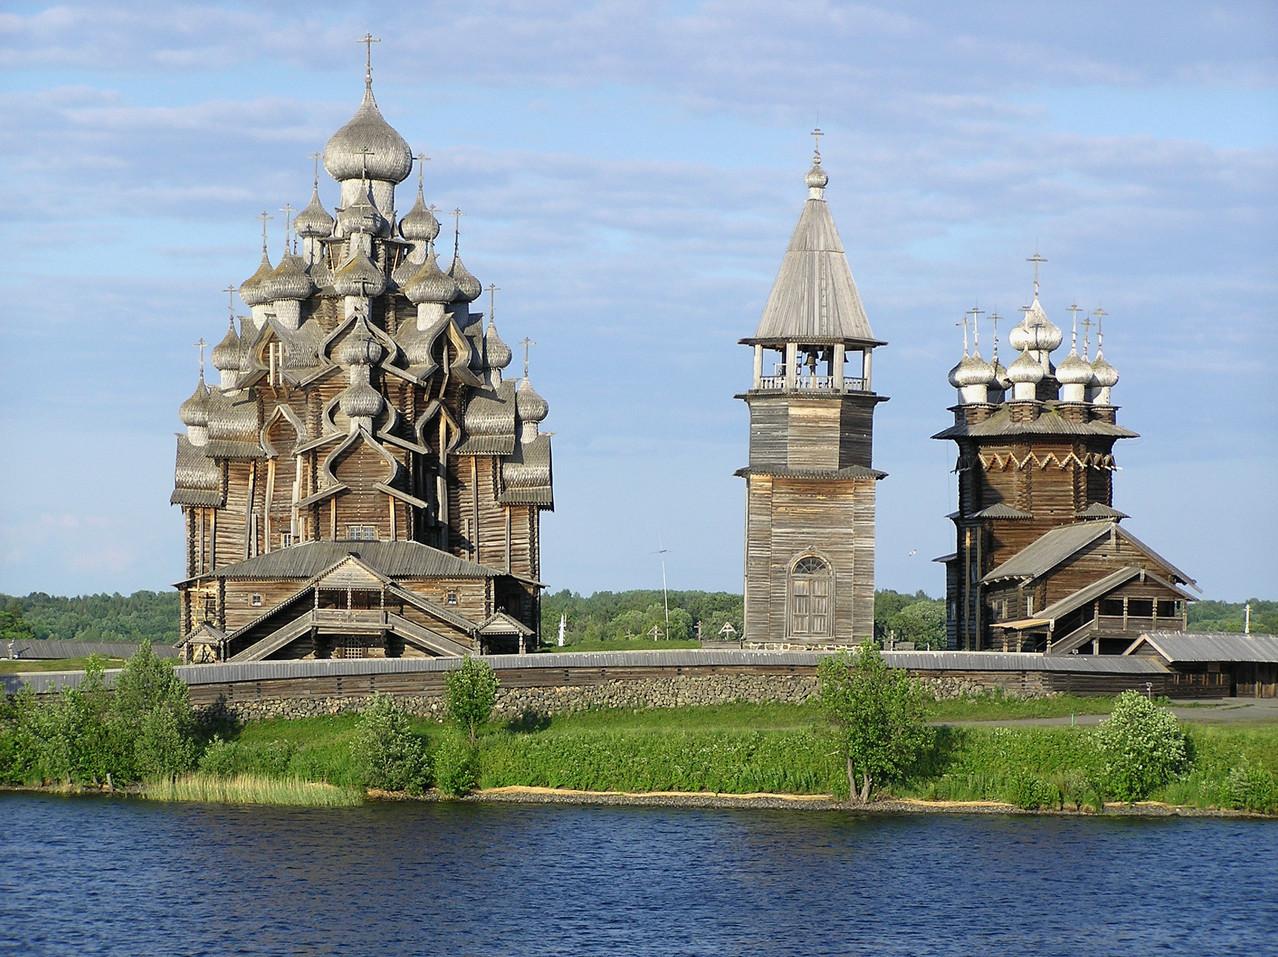 Der nördlichste Punkt unserer Reise ist der Höhepunkt: Sommerkirche, Glockenturm und Winterkirche ...